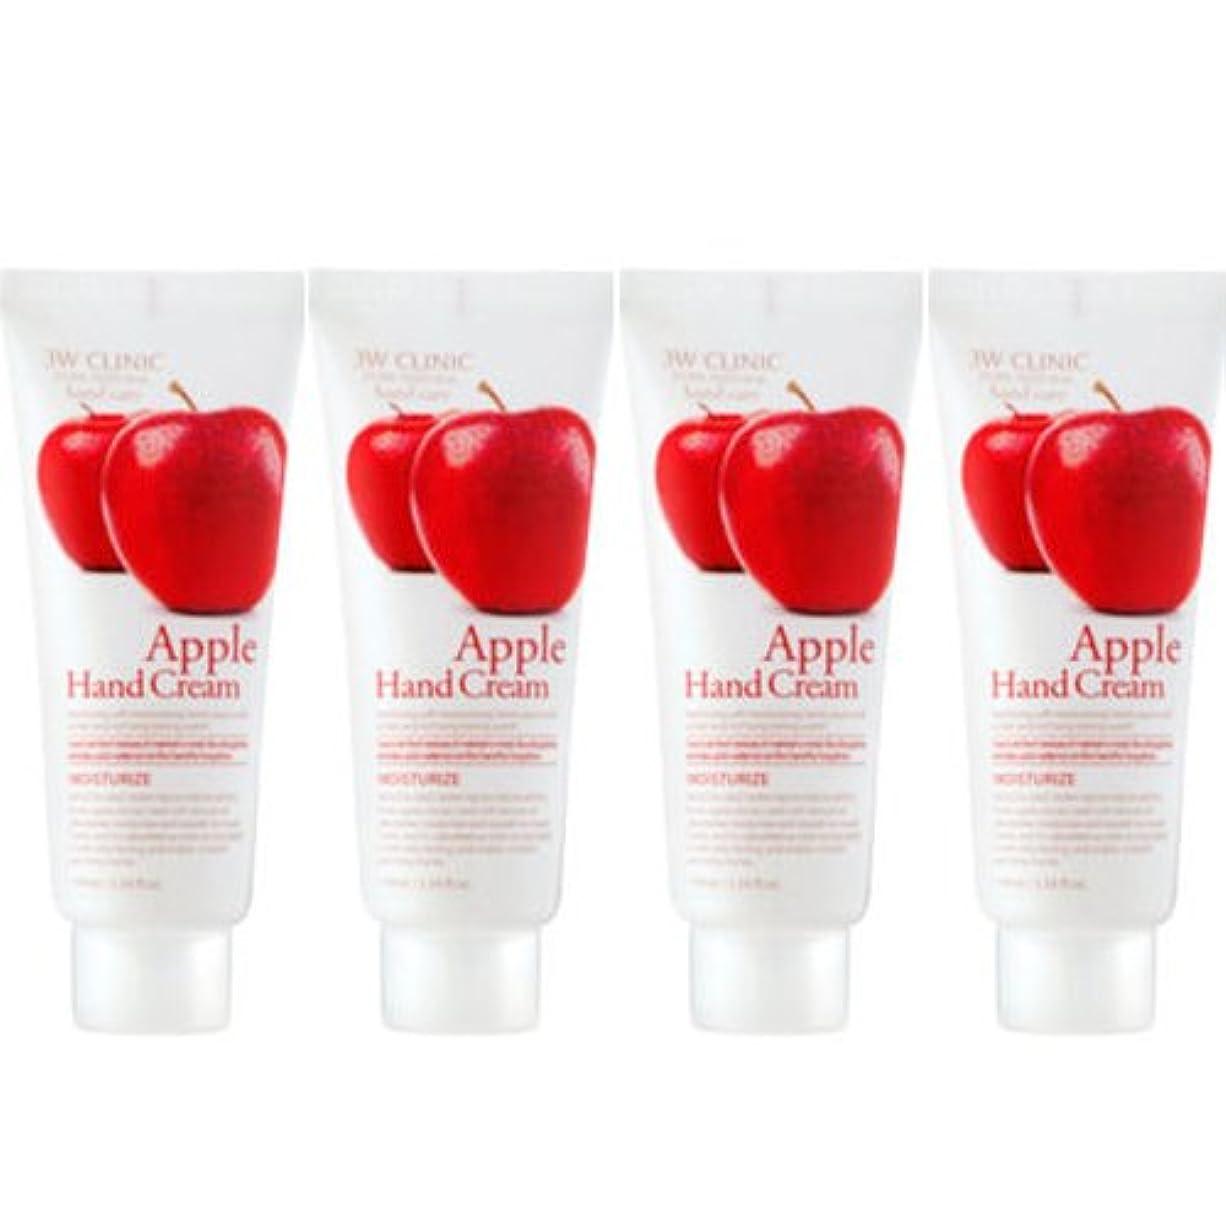 接続病んでいる夜間3w Clinic[韓国コスメARRAHAN]Moisturizing Apple Hand Cream モイスチャーリングリンゴハンドクリーム100mlX4個 [並行輸入品]